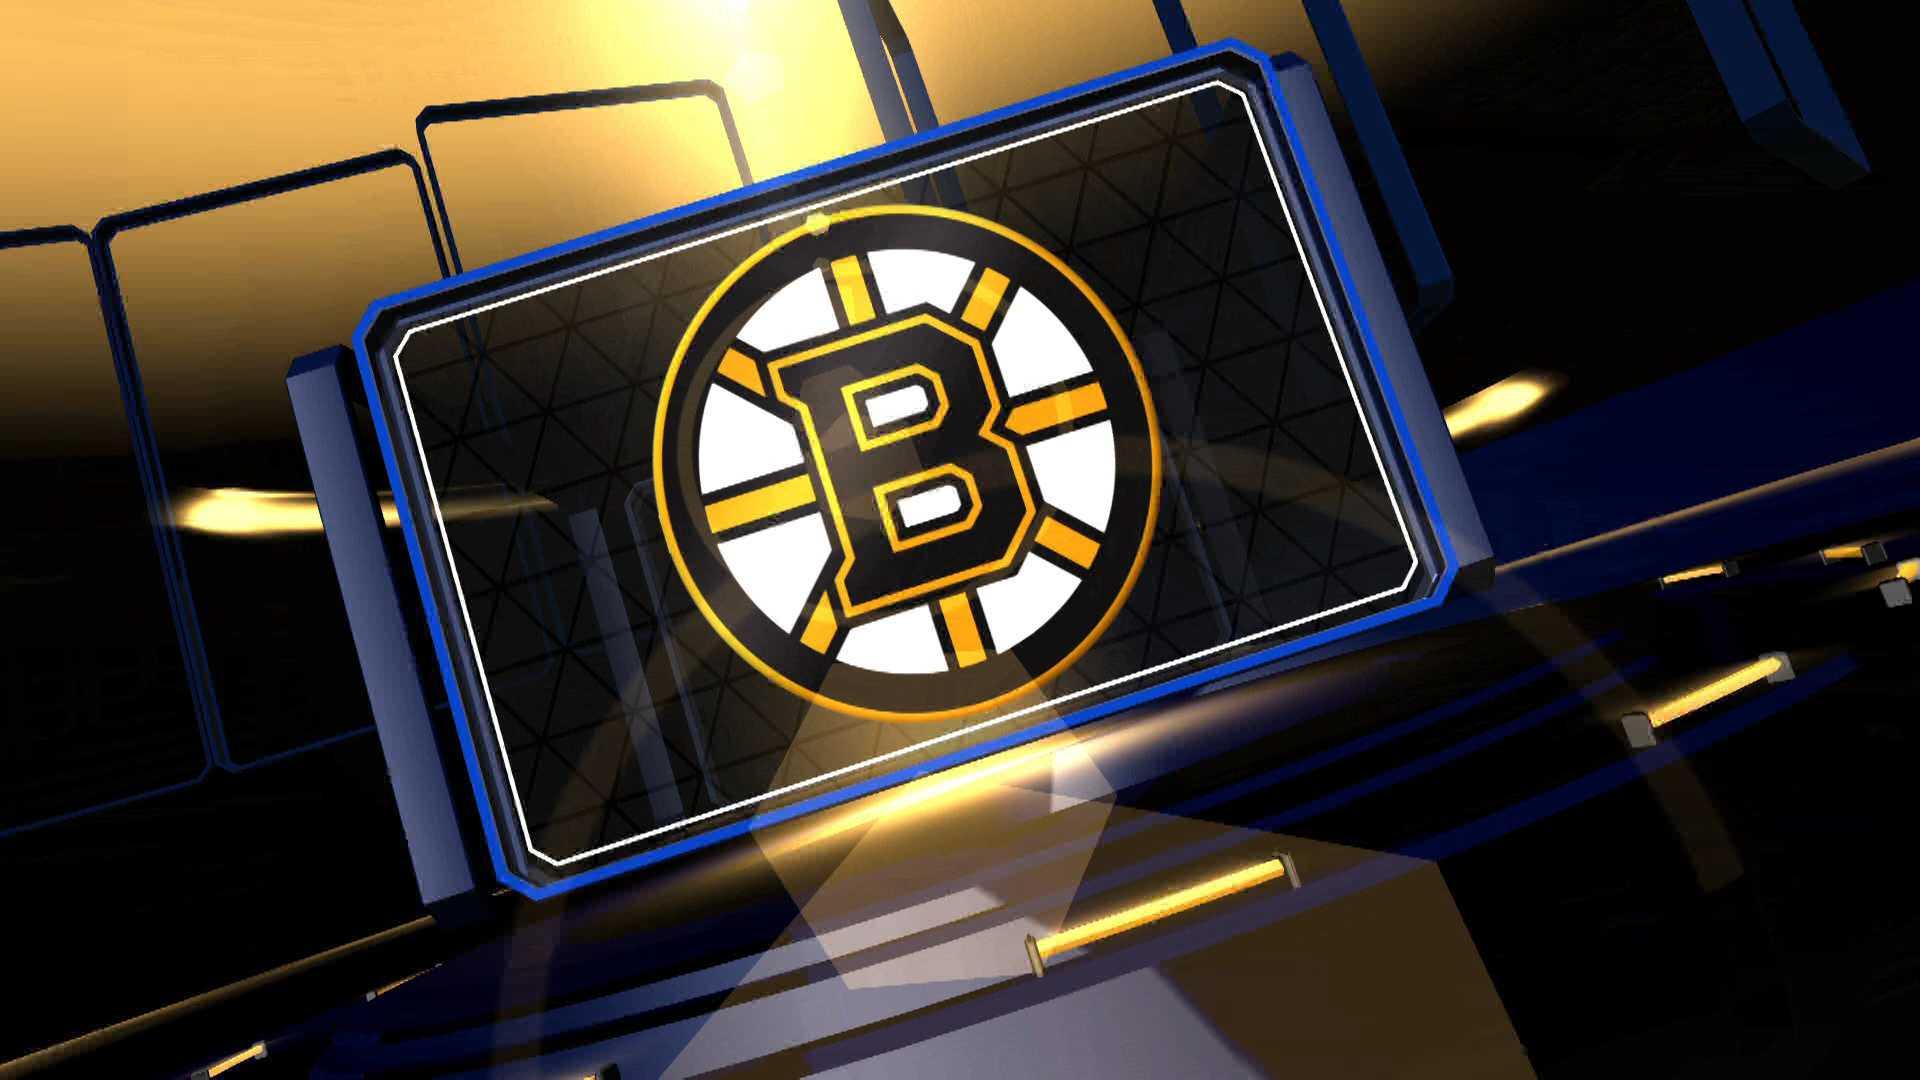 Boston Bruins, Bruins GENERIC